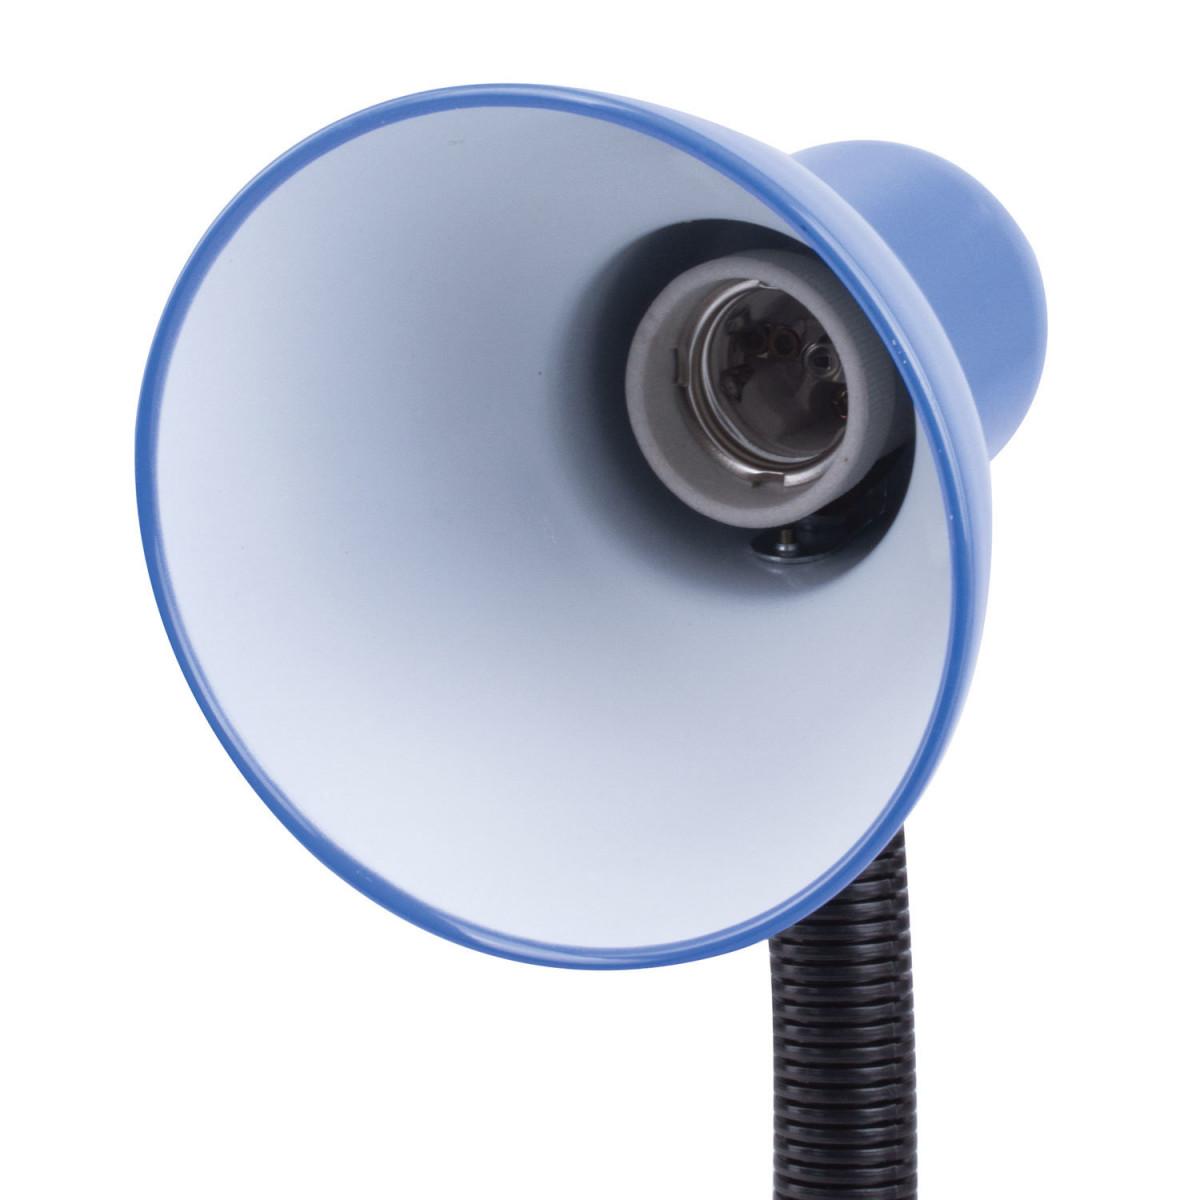 Светильник настольный SONNEN OU-203, на подставке, цоколь Е27, синий, 236677 (арт. 236677)